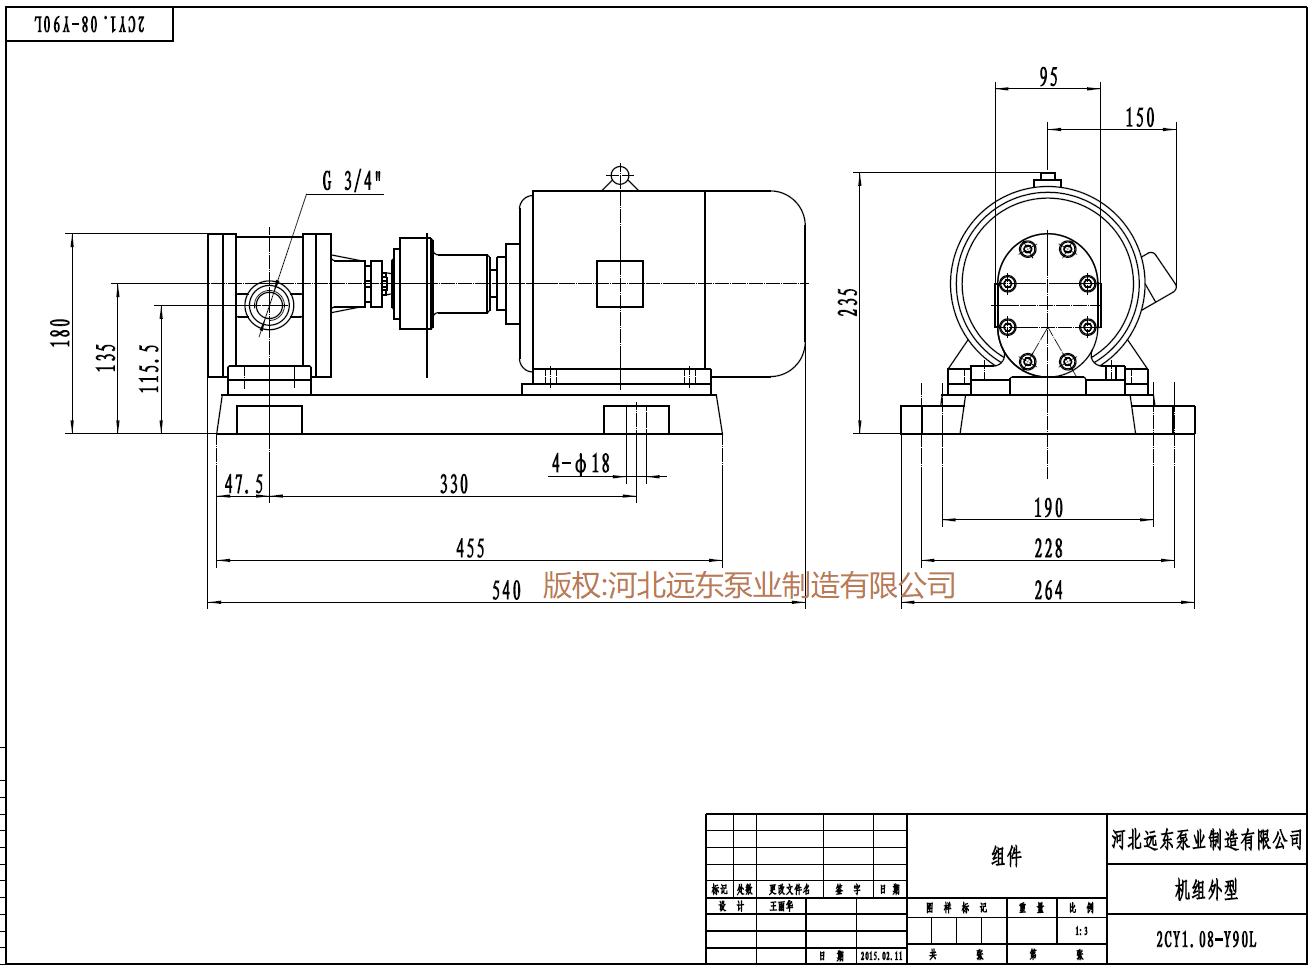 2CY1.08/2.5齿轮泵,Y1.5KW 80齿轮泵配多大电机